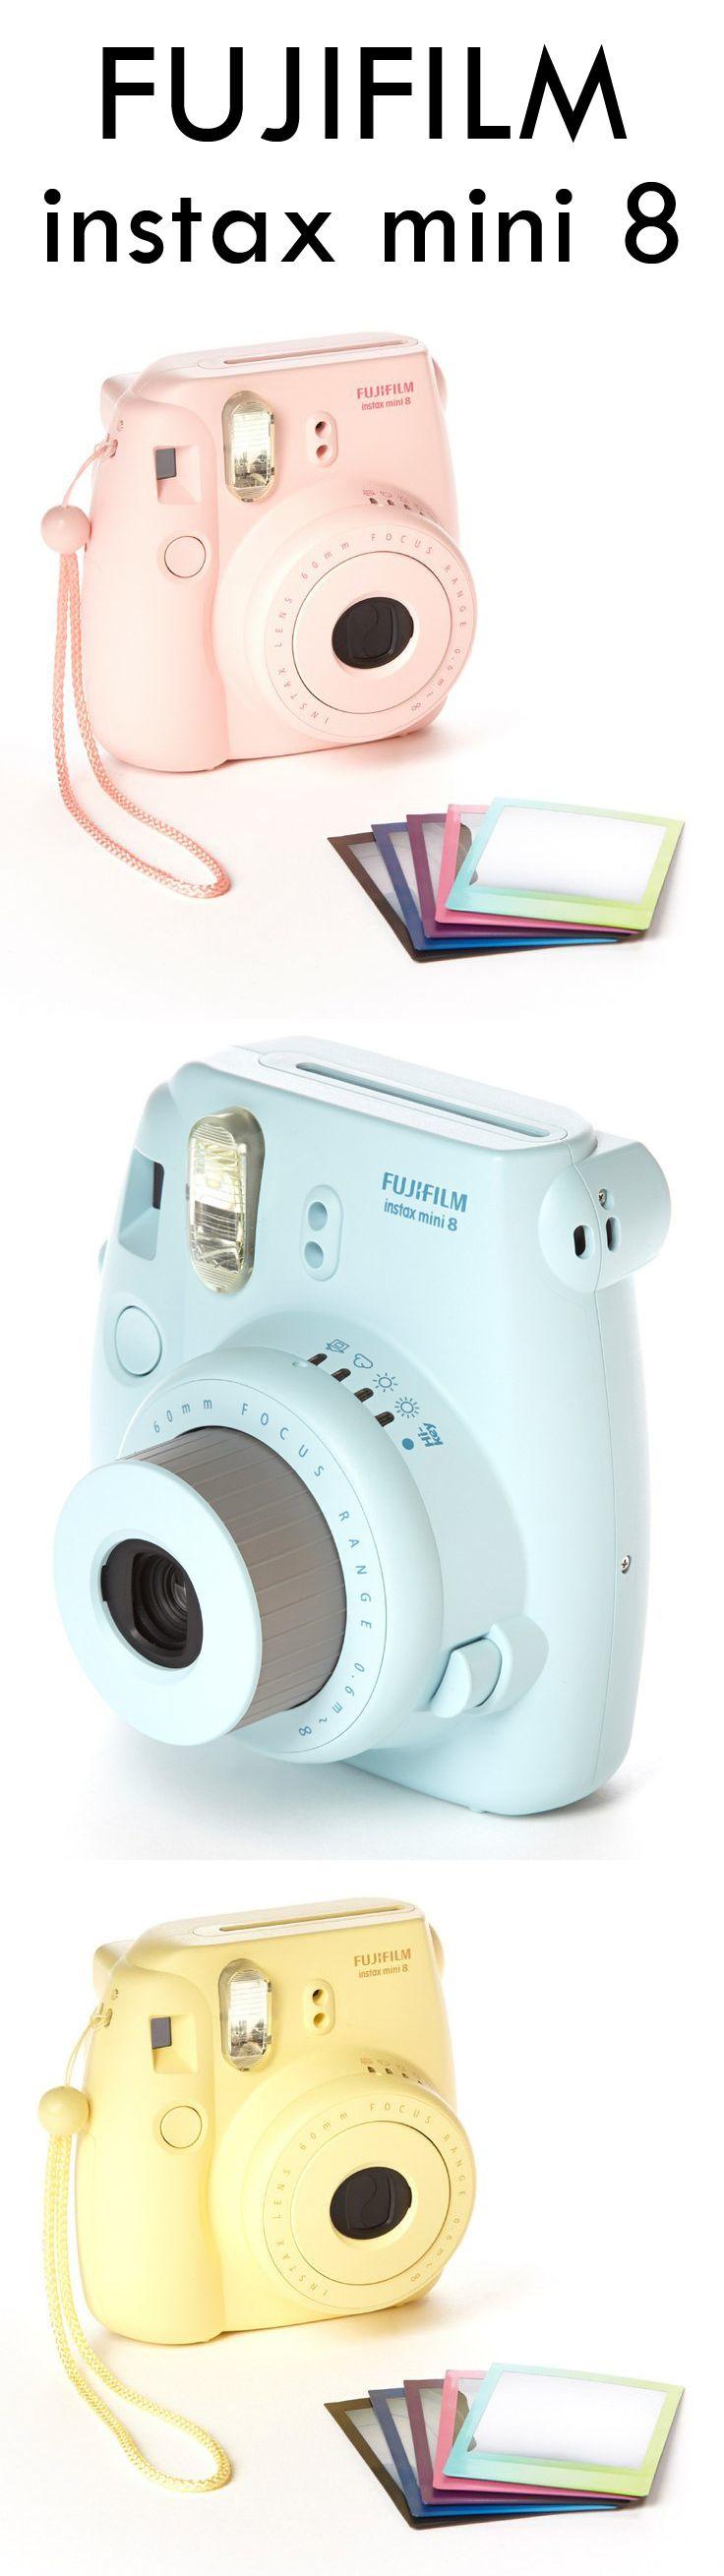 Cute Camera: Fujifilm Instax Mini 8 Camera - a cute gift idea!!